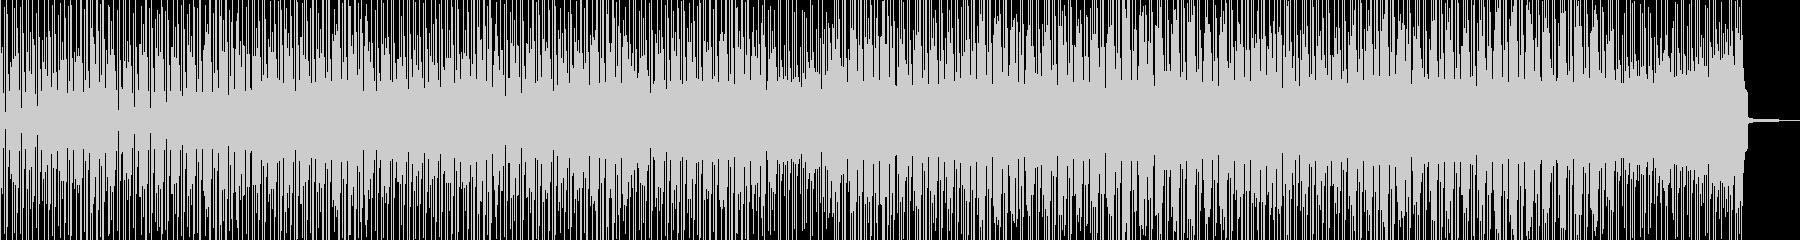 徐々に賑わう動画に・2部構成ポップス Aの未再生の波形